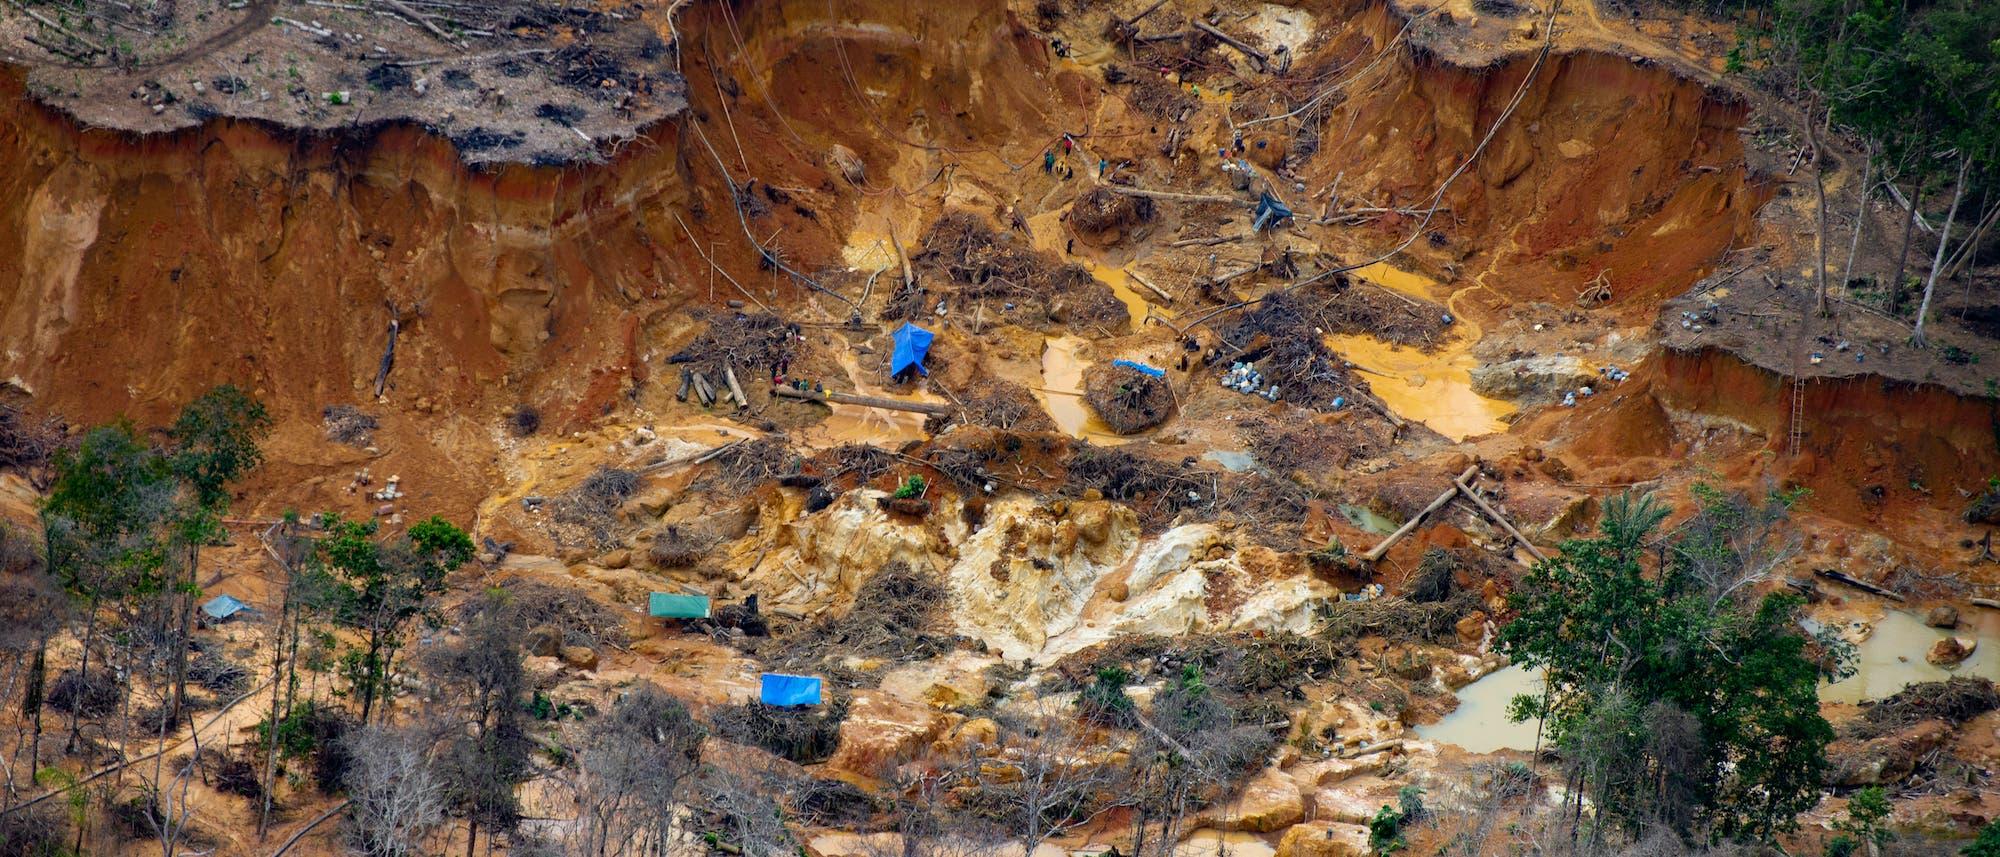 Bei einem Überflug über Yanomami-Land entdeckte Greenpeace zahlreiche illegale Goldminen